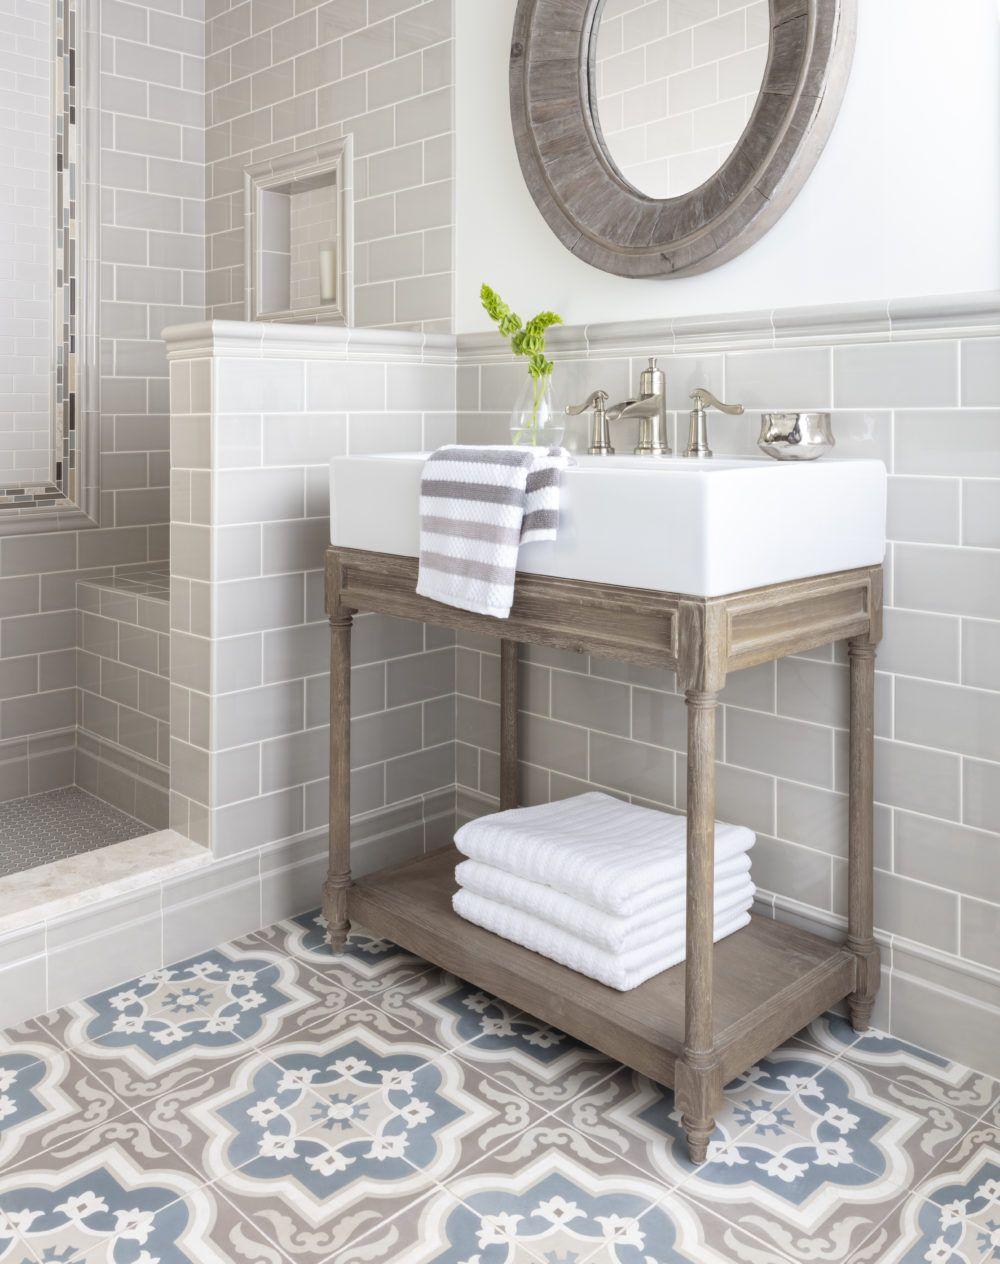 Modern Farmhouse Bathroom Decor Bathroom Tile Designs Farmhouse Master Bathroom Bathroom Inspiration